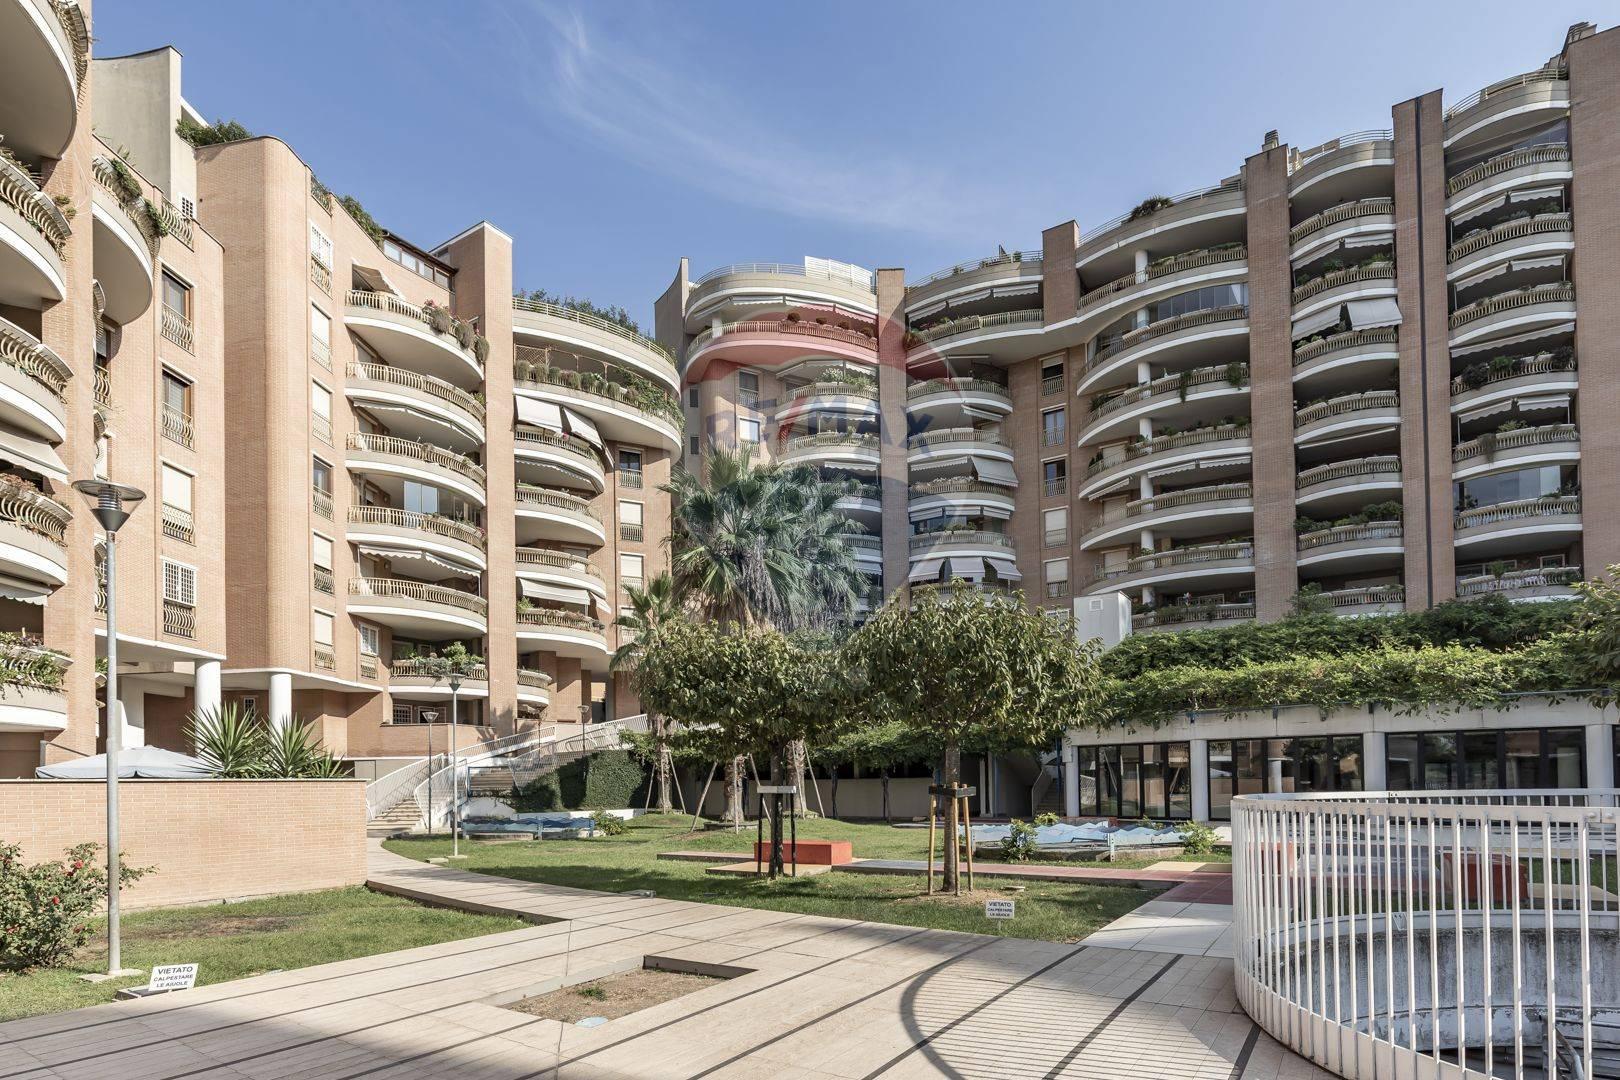 Appartamento in vendita a Roma, 3 locali, zona Zona: 5 . Montesacro - Talenti, prezzo € 529.000   CambioCasa.it